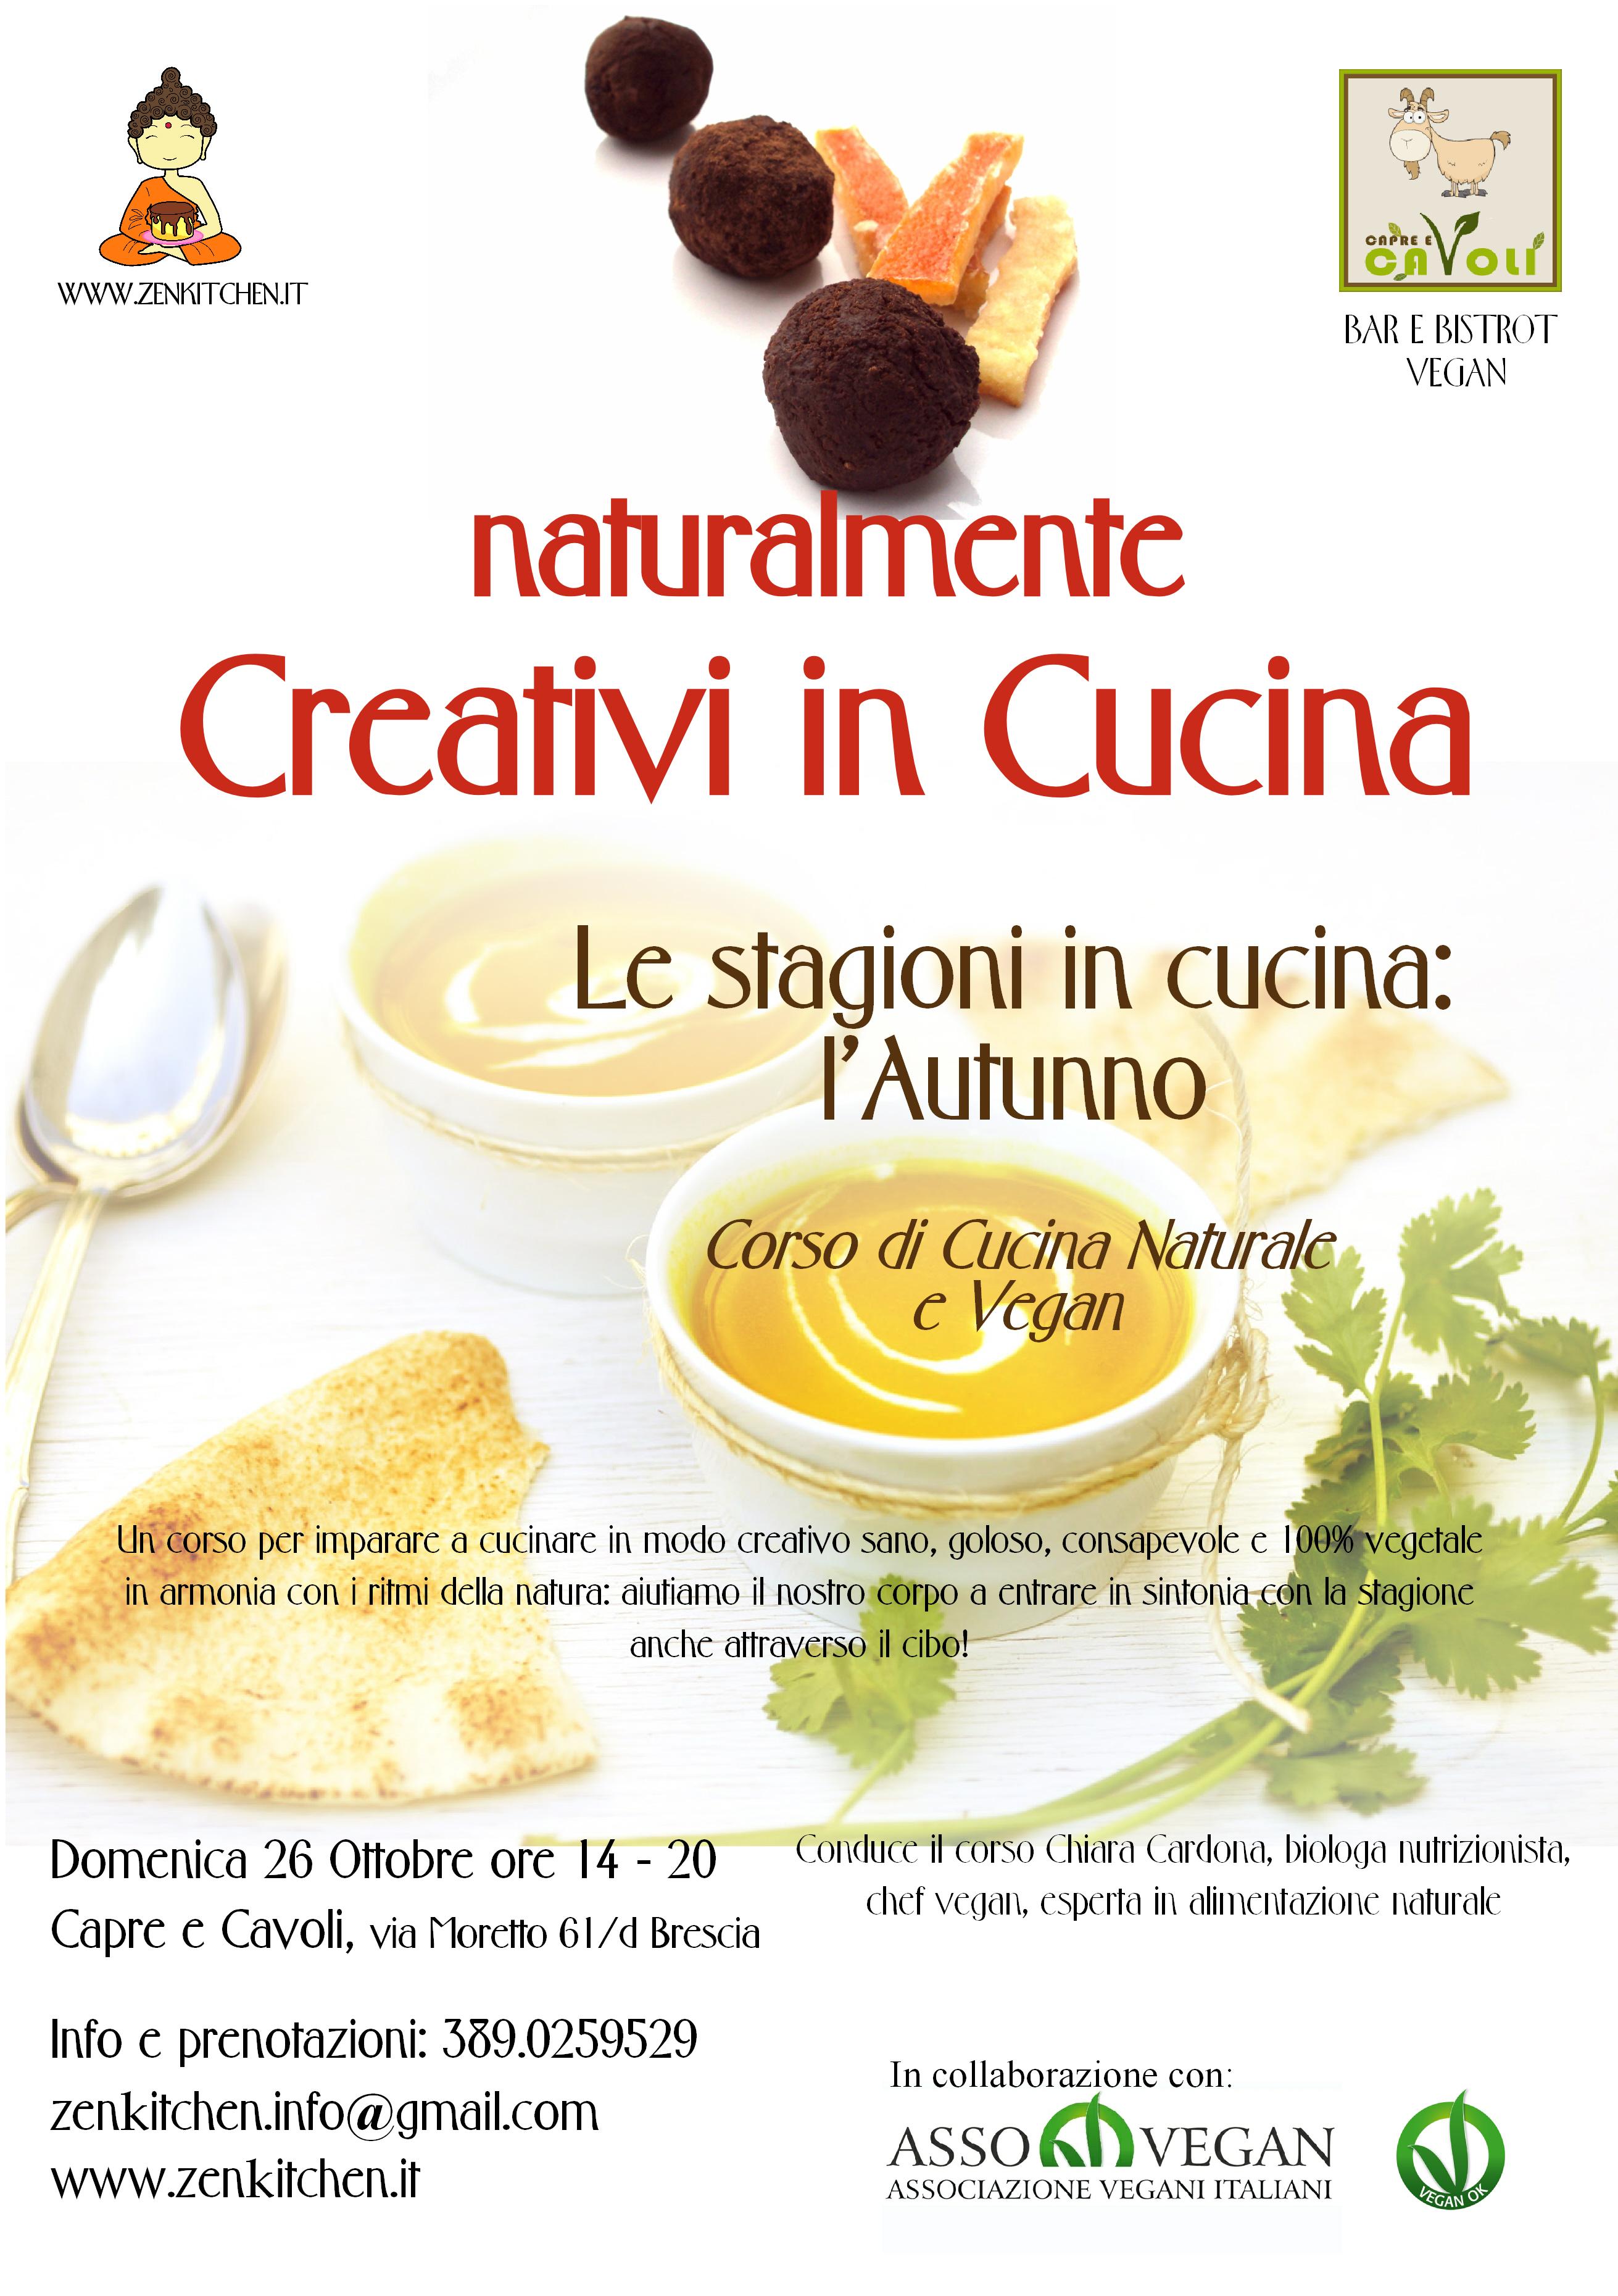 Zenkitchen le stagioni in cucina l autunno corso di - Corsi cucina brescia ...